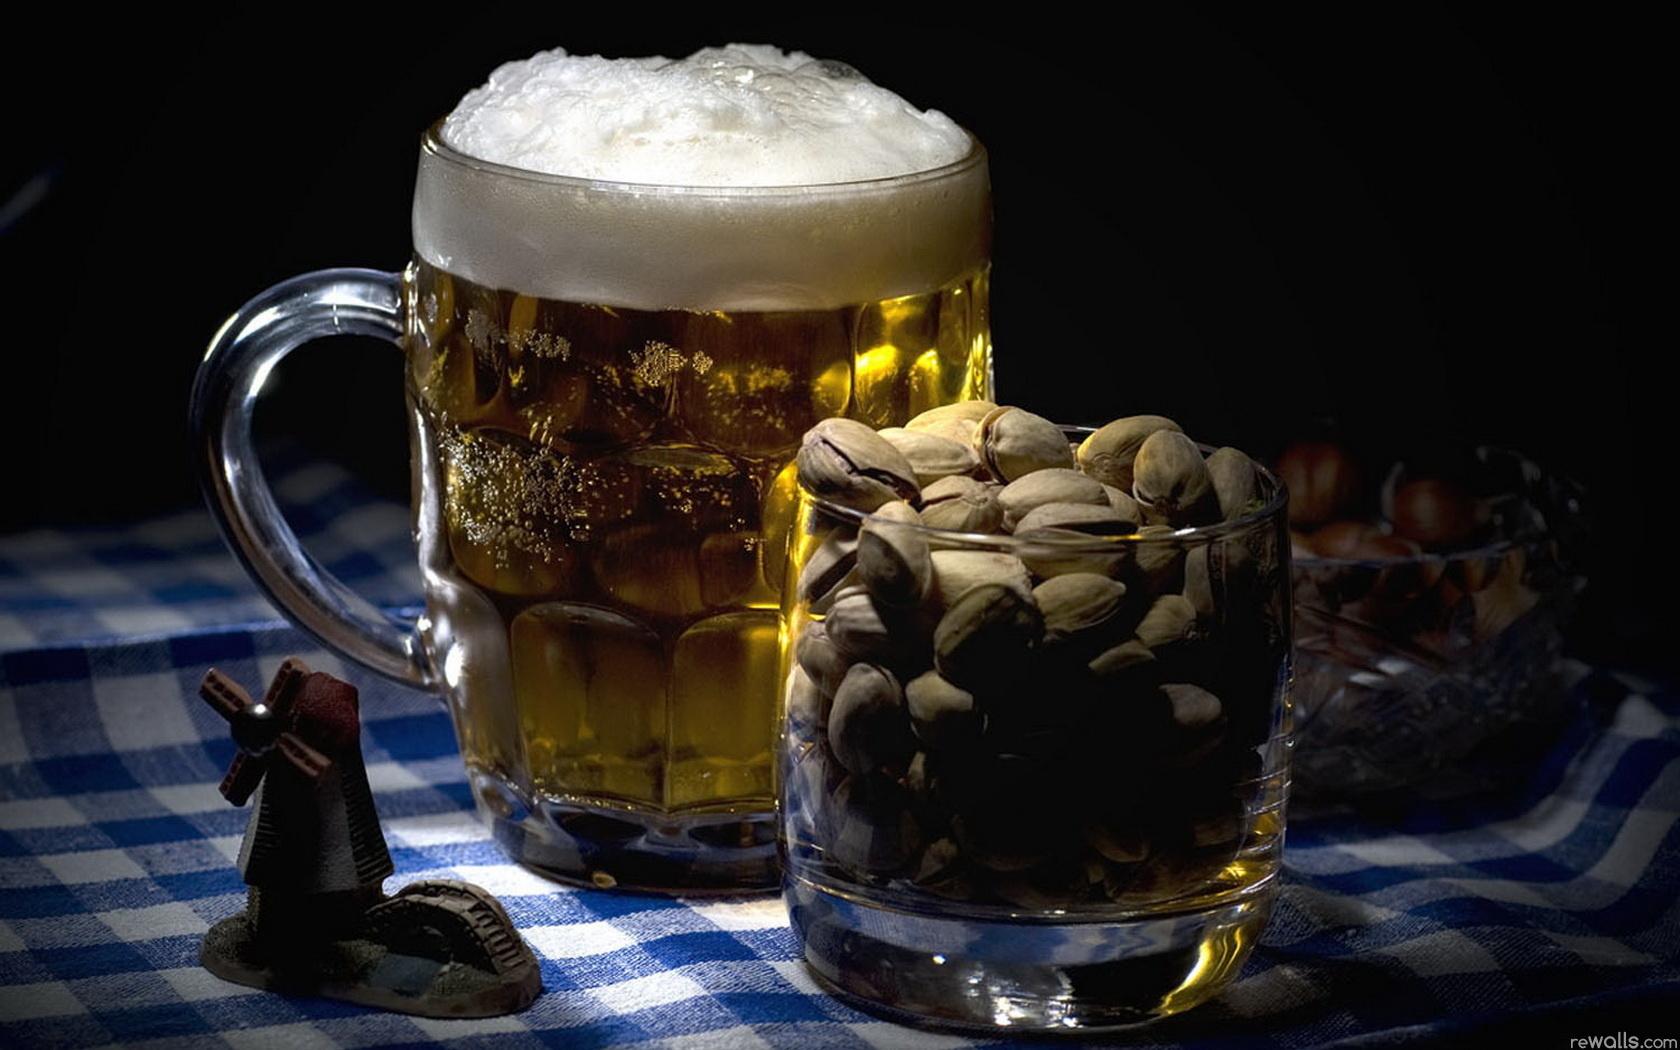 кружка пива и орешки, фото, обои для рабочего стола